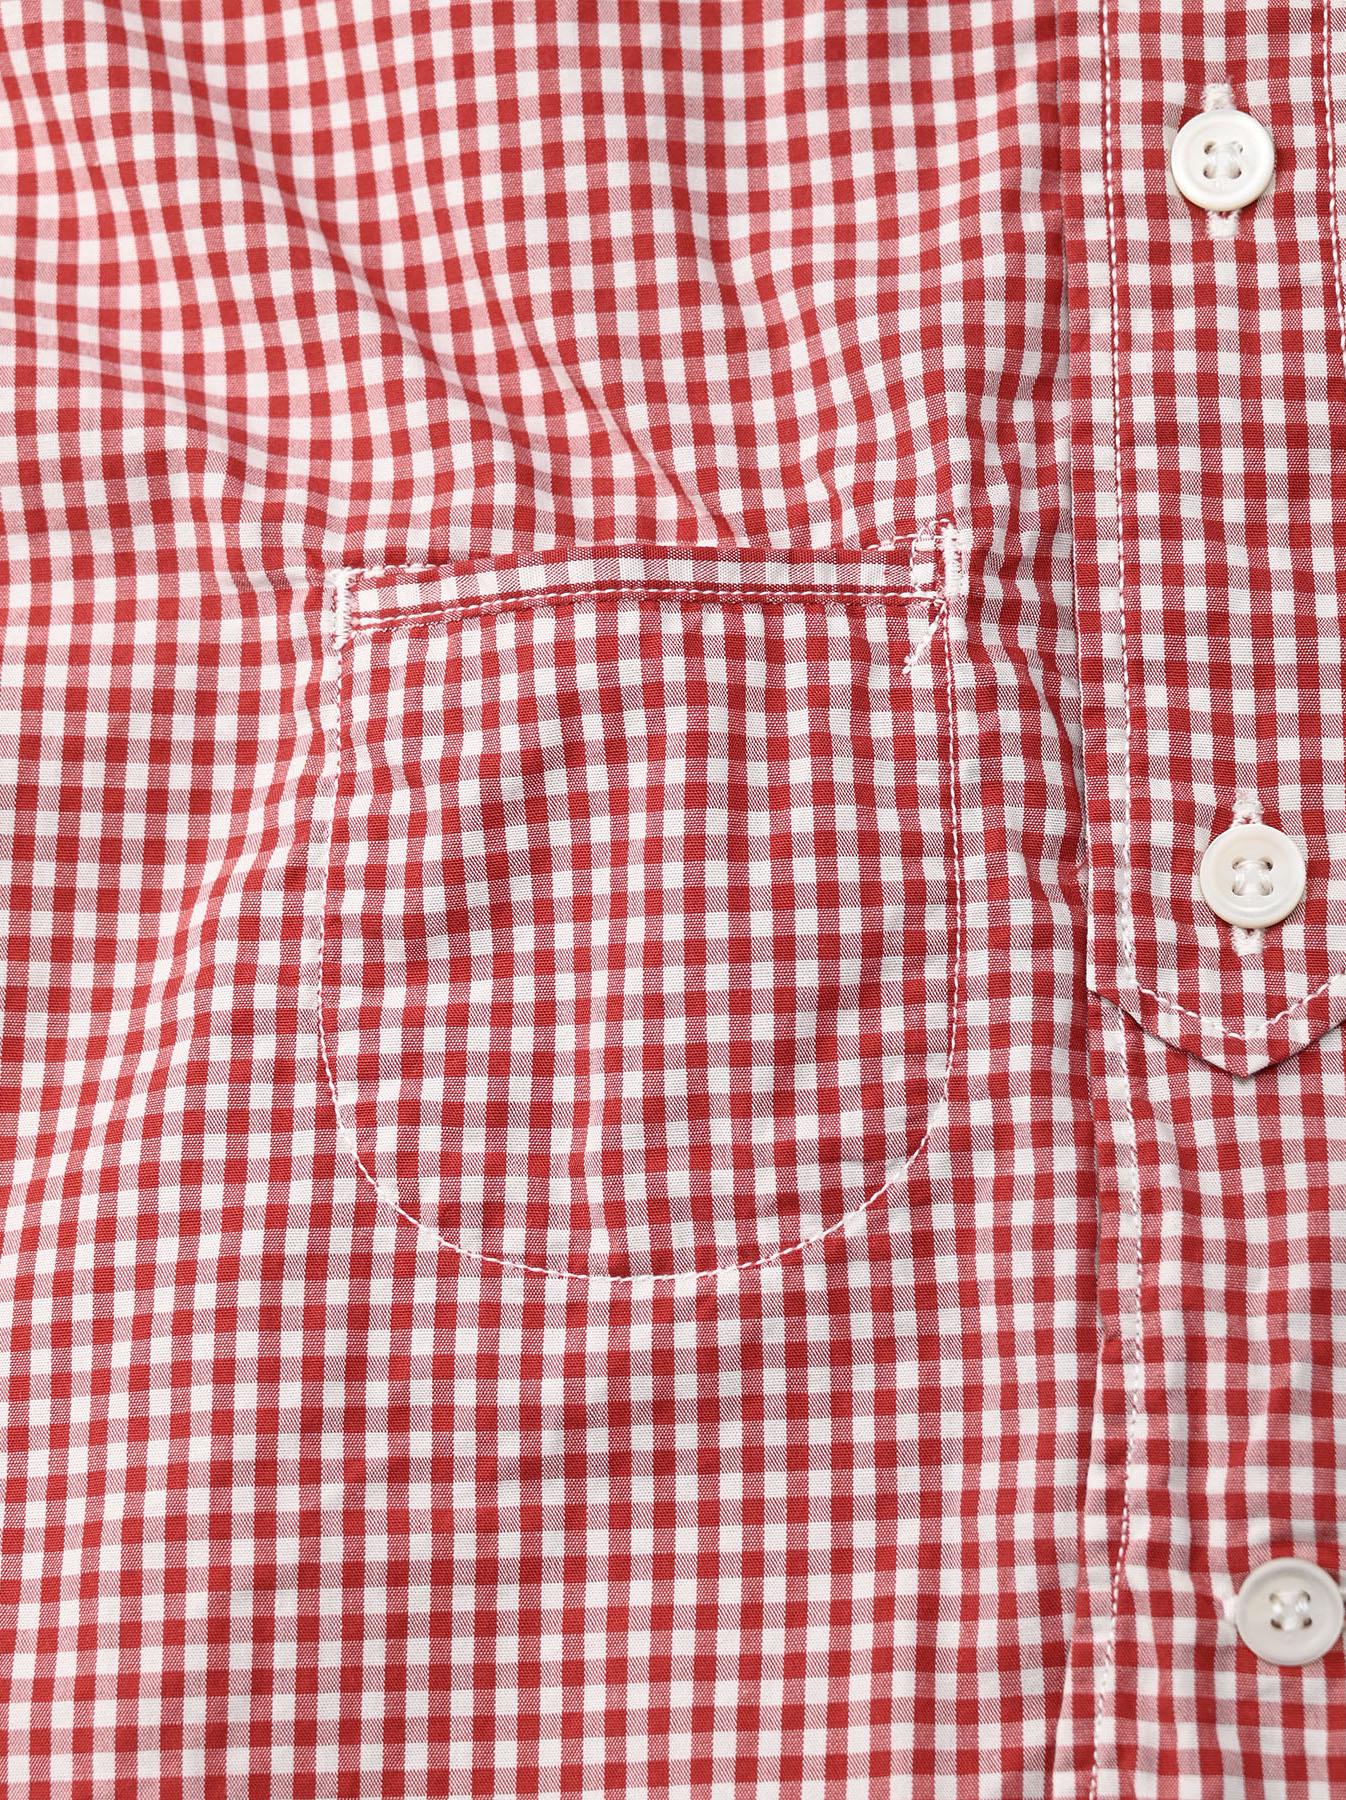 Damp 908 Stand Ocean Shirt(0721)-11